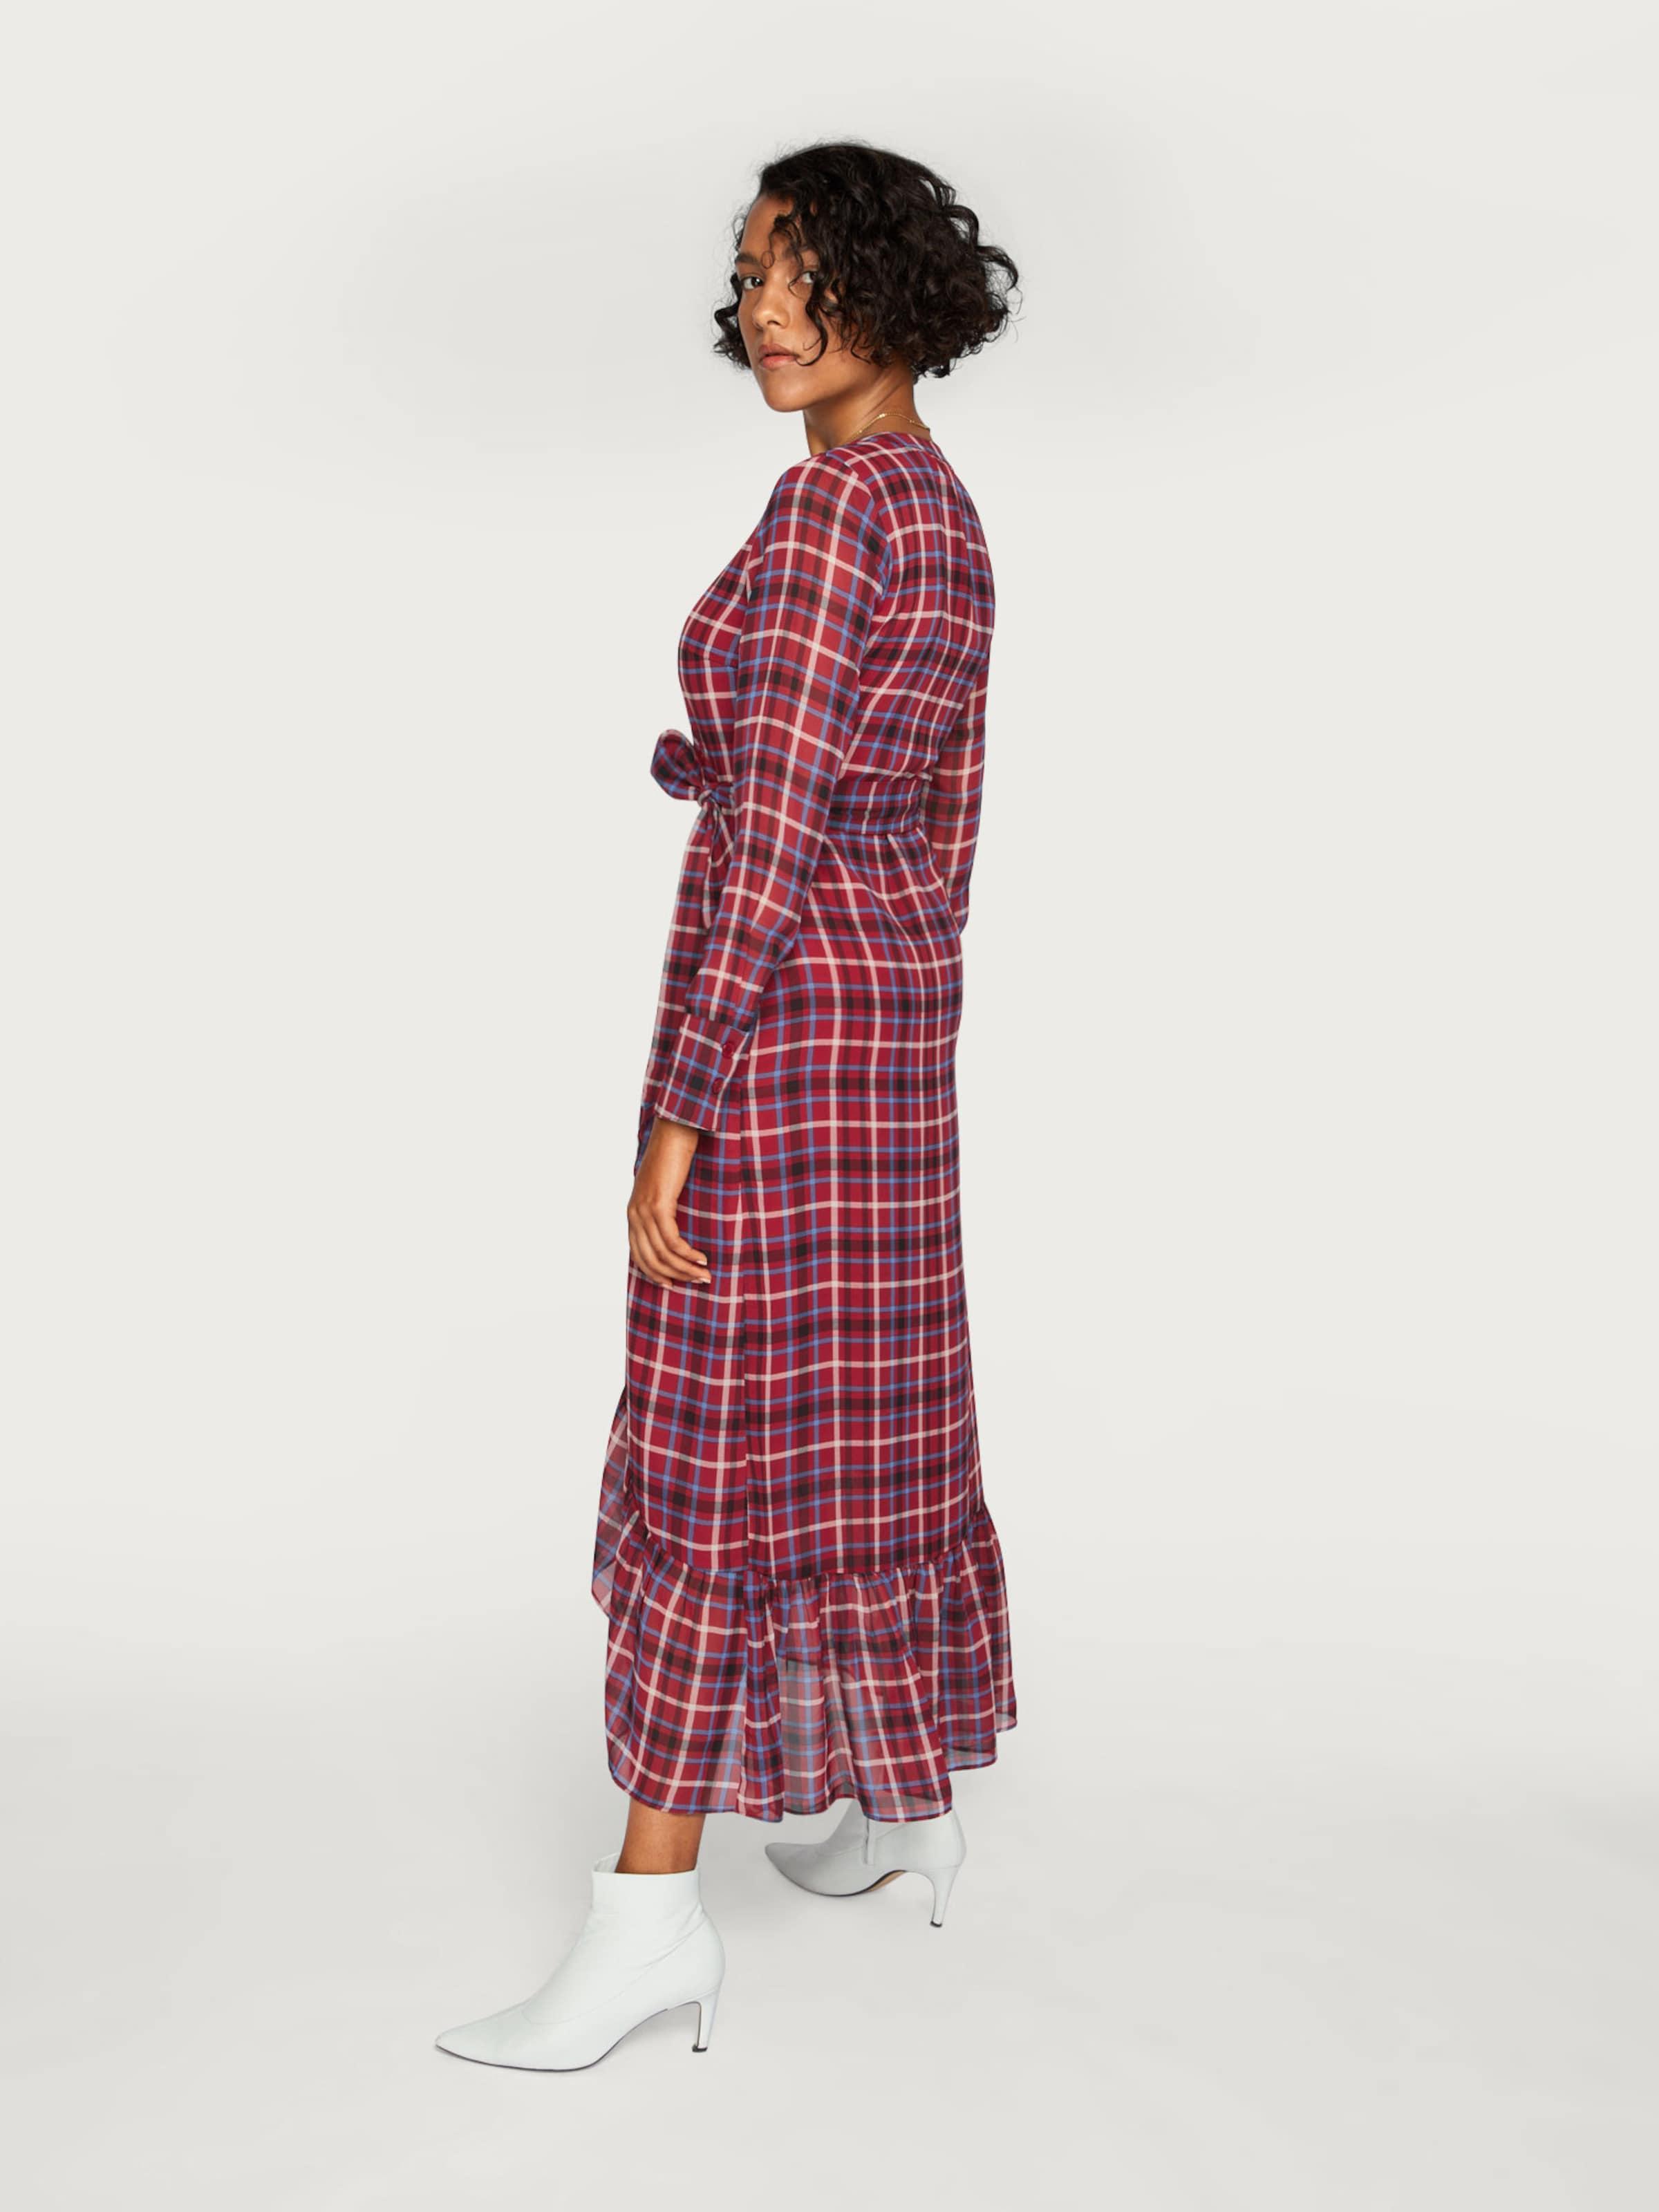 Kleid Edited 'adina' In Bordeaux CremeBlau Ybf76gy